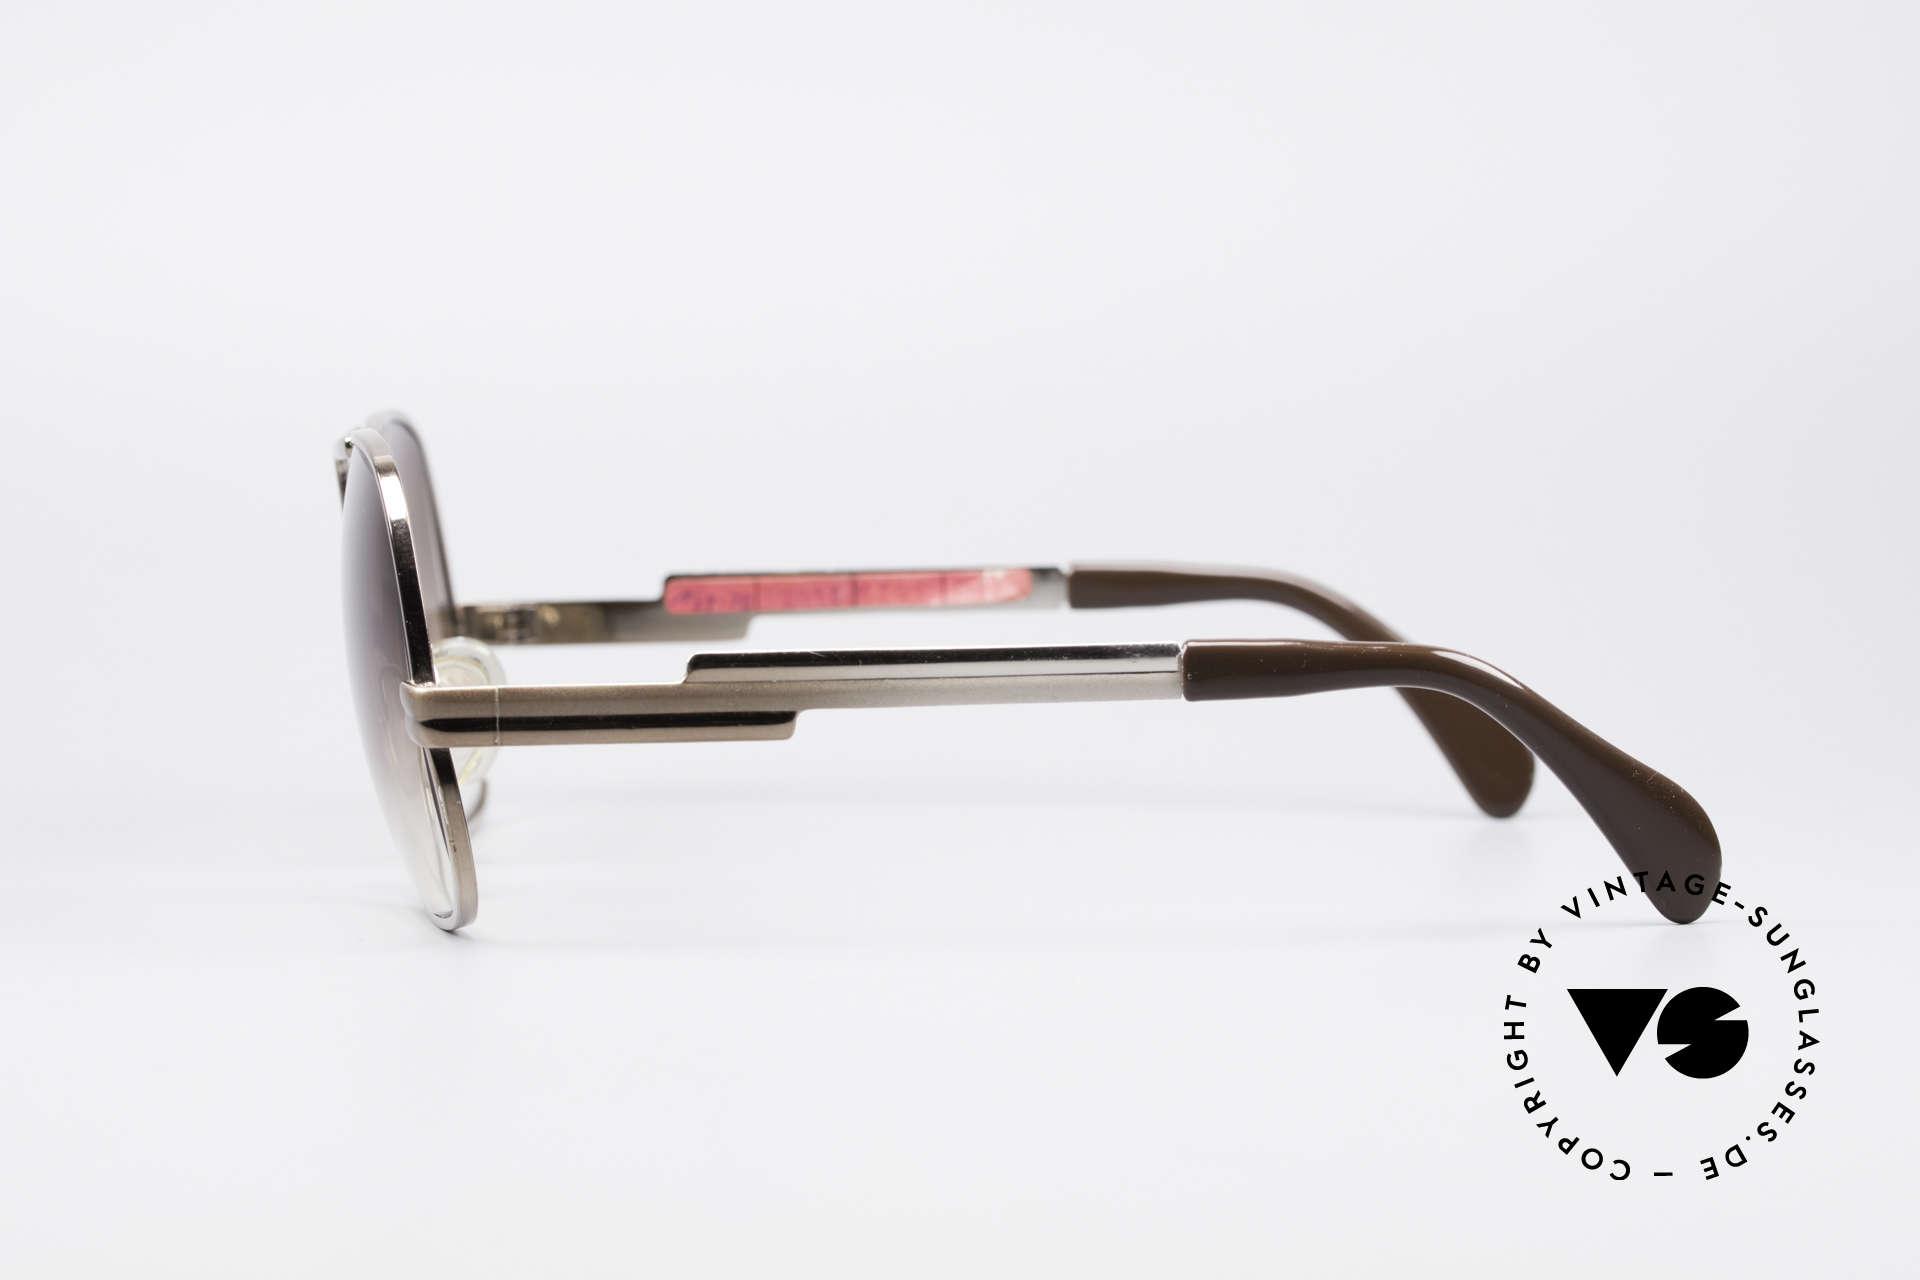 Cazal 701 Ultra Seltene 70er Sonnenbrille, die Fassung (Gr. 58/18) kann beliebig verglast werden, Passend für Herren